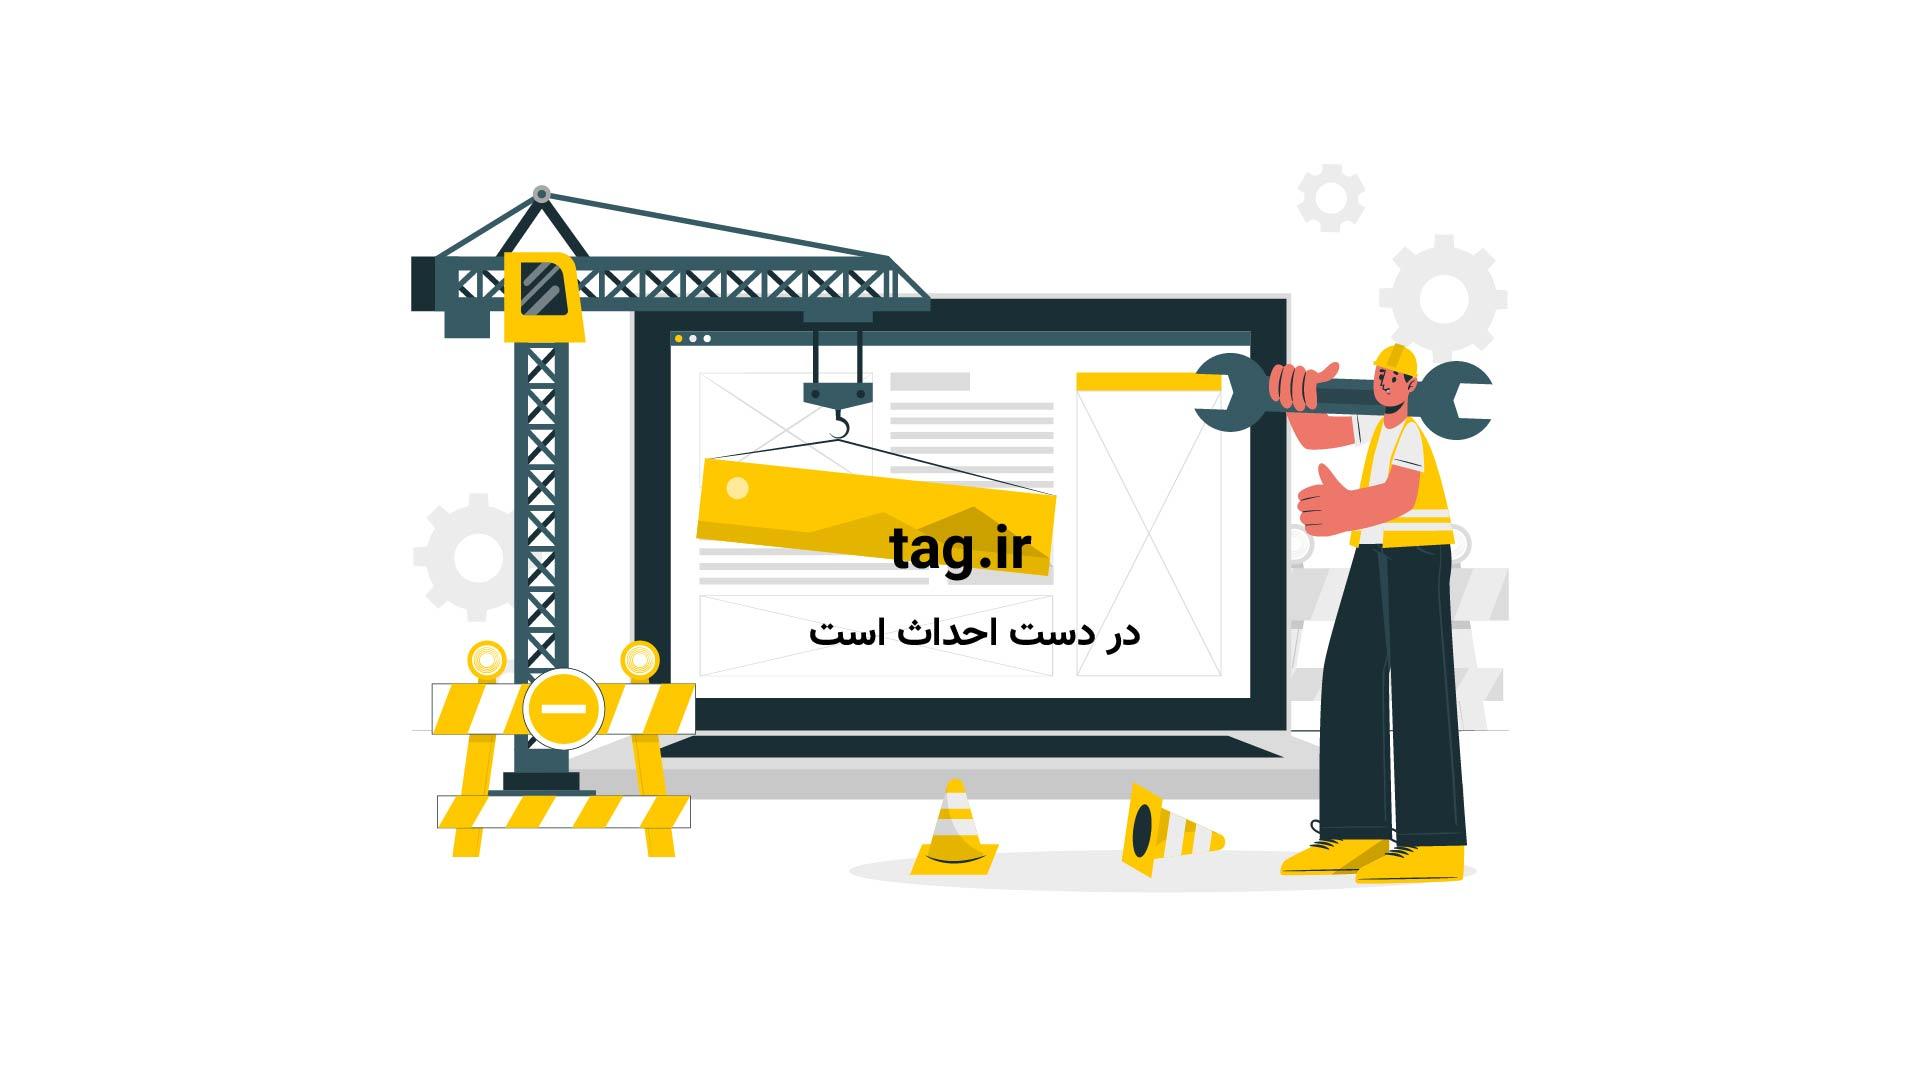 خلاصه بازی بسکتبال لس آنجلس کلیپرز ۷۰ – ۹۱ ایندیانا پیسرز | فیلم